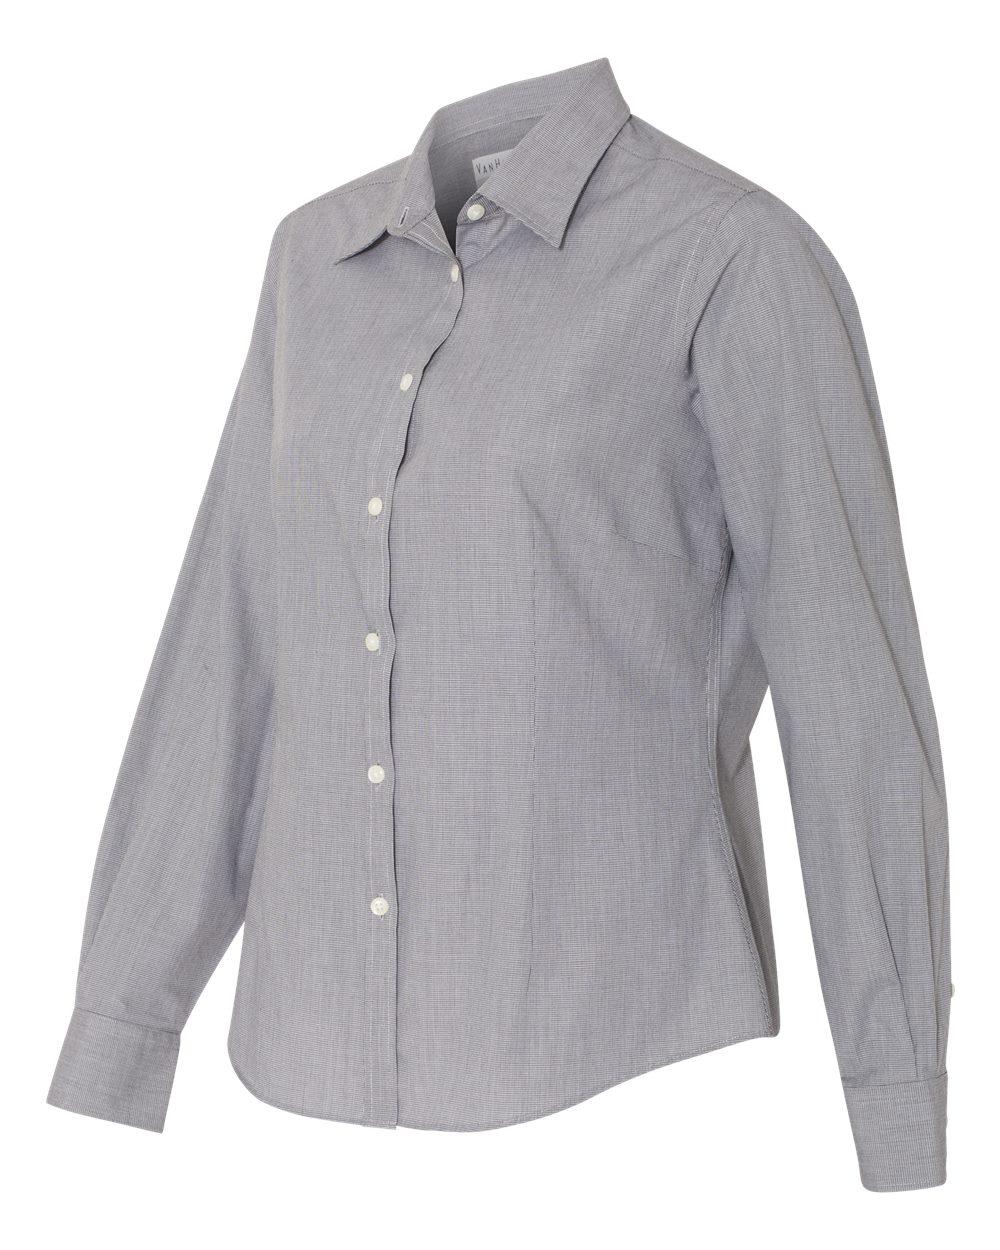 Van Heusen 13V0427 - Women's Yarn Dyed Mini Check Long Sleeve Shirt